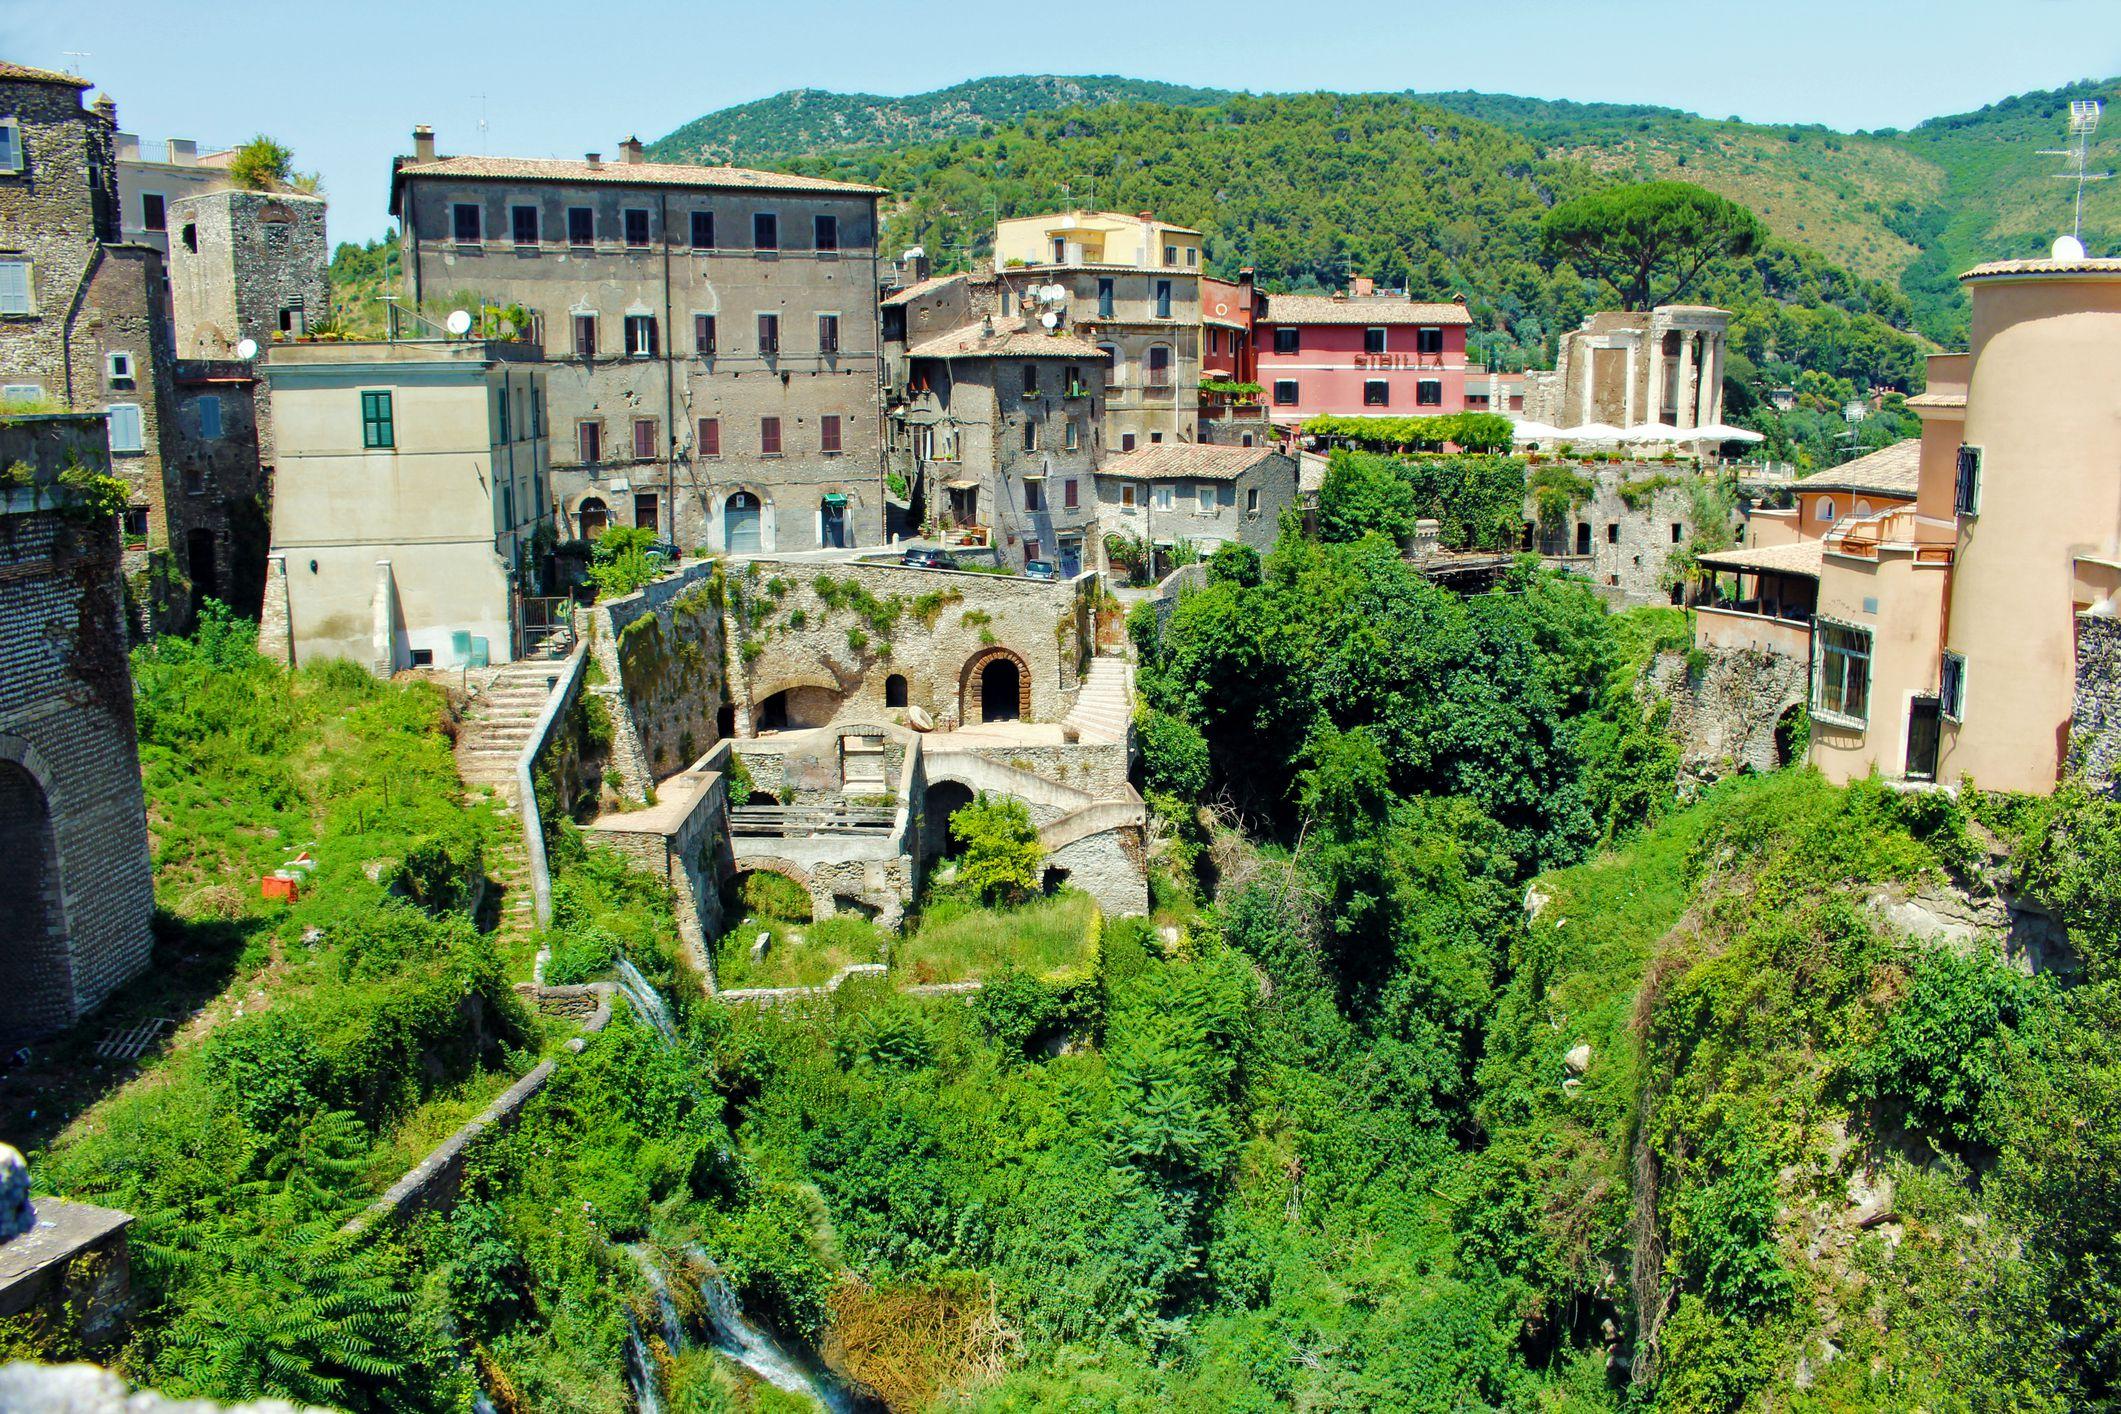 Villa d'Este in Italy.